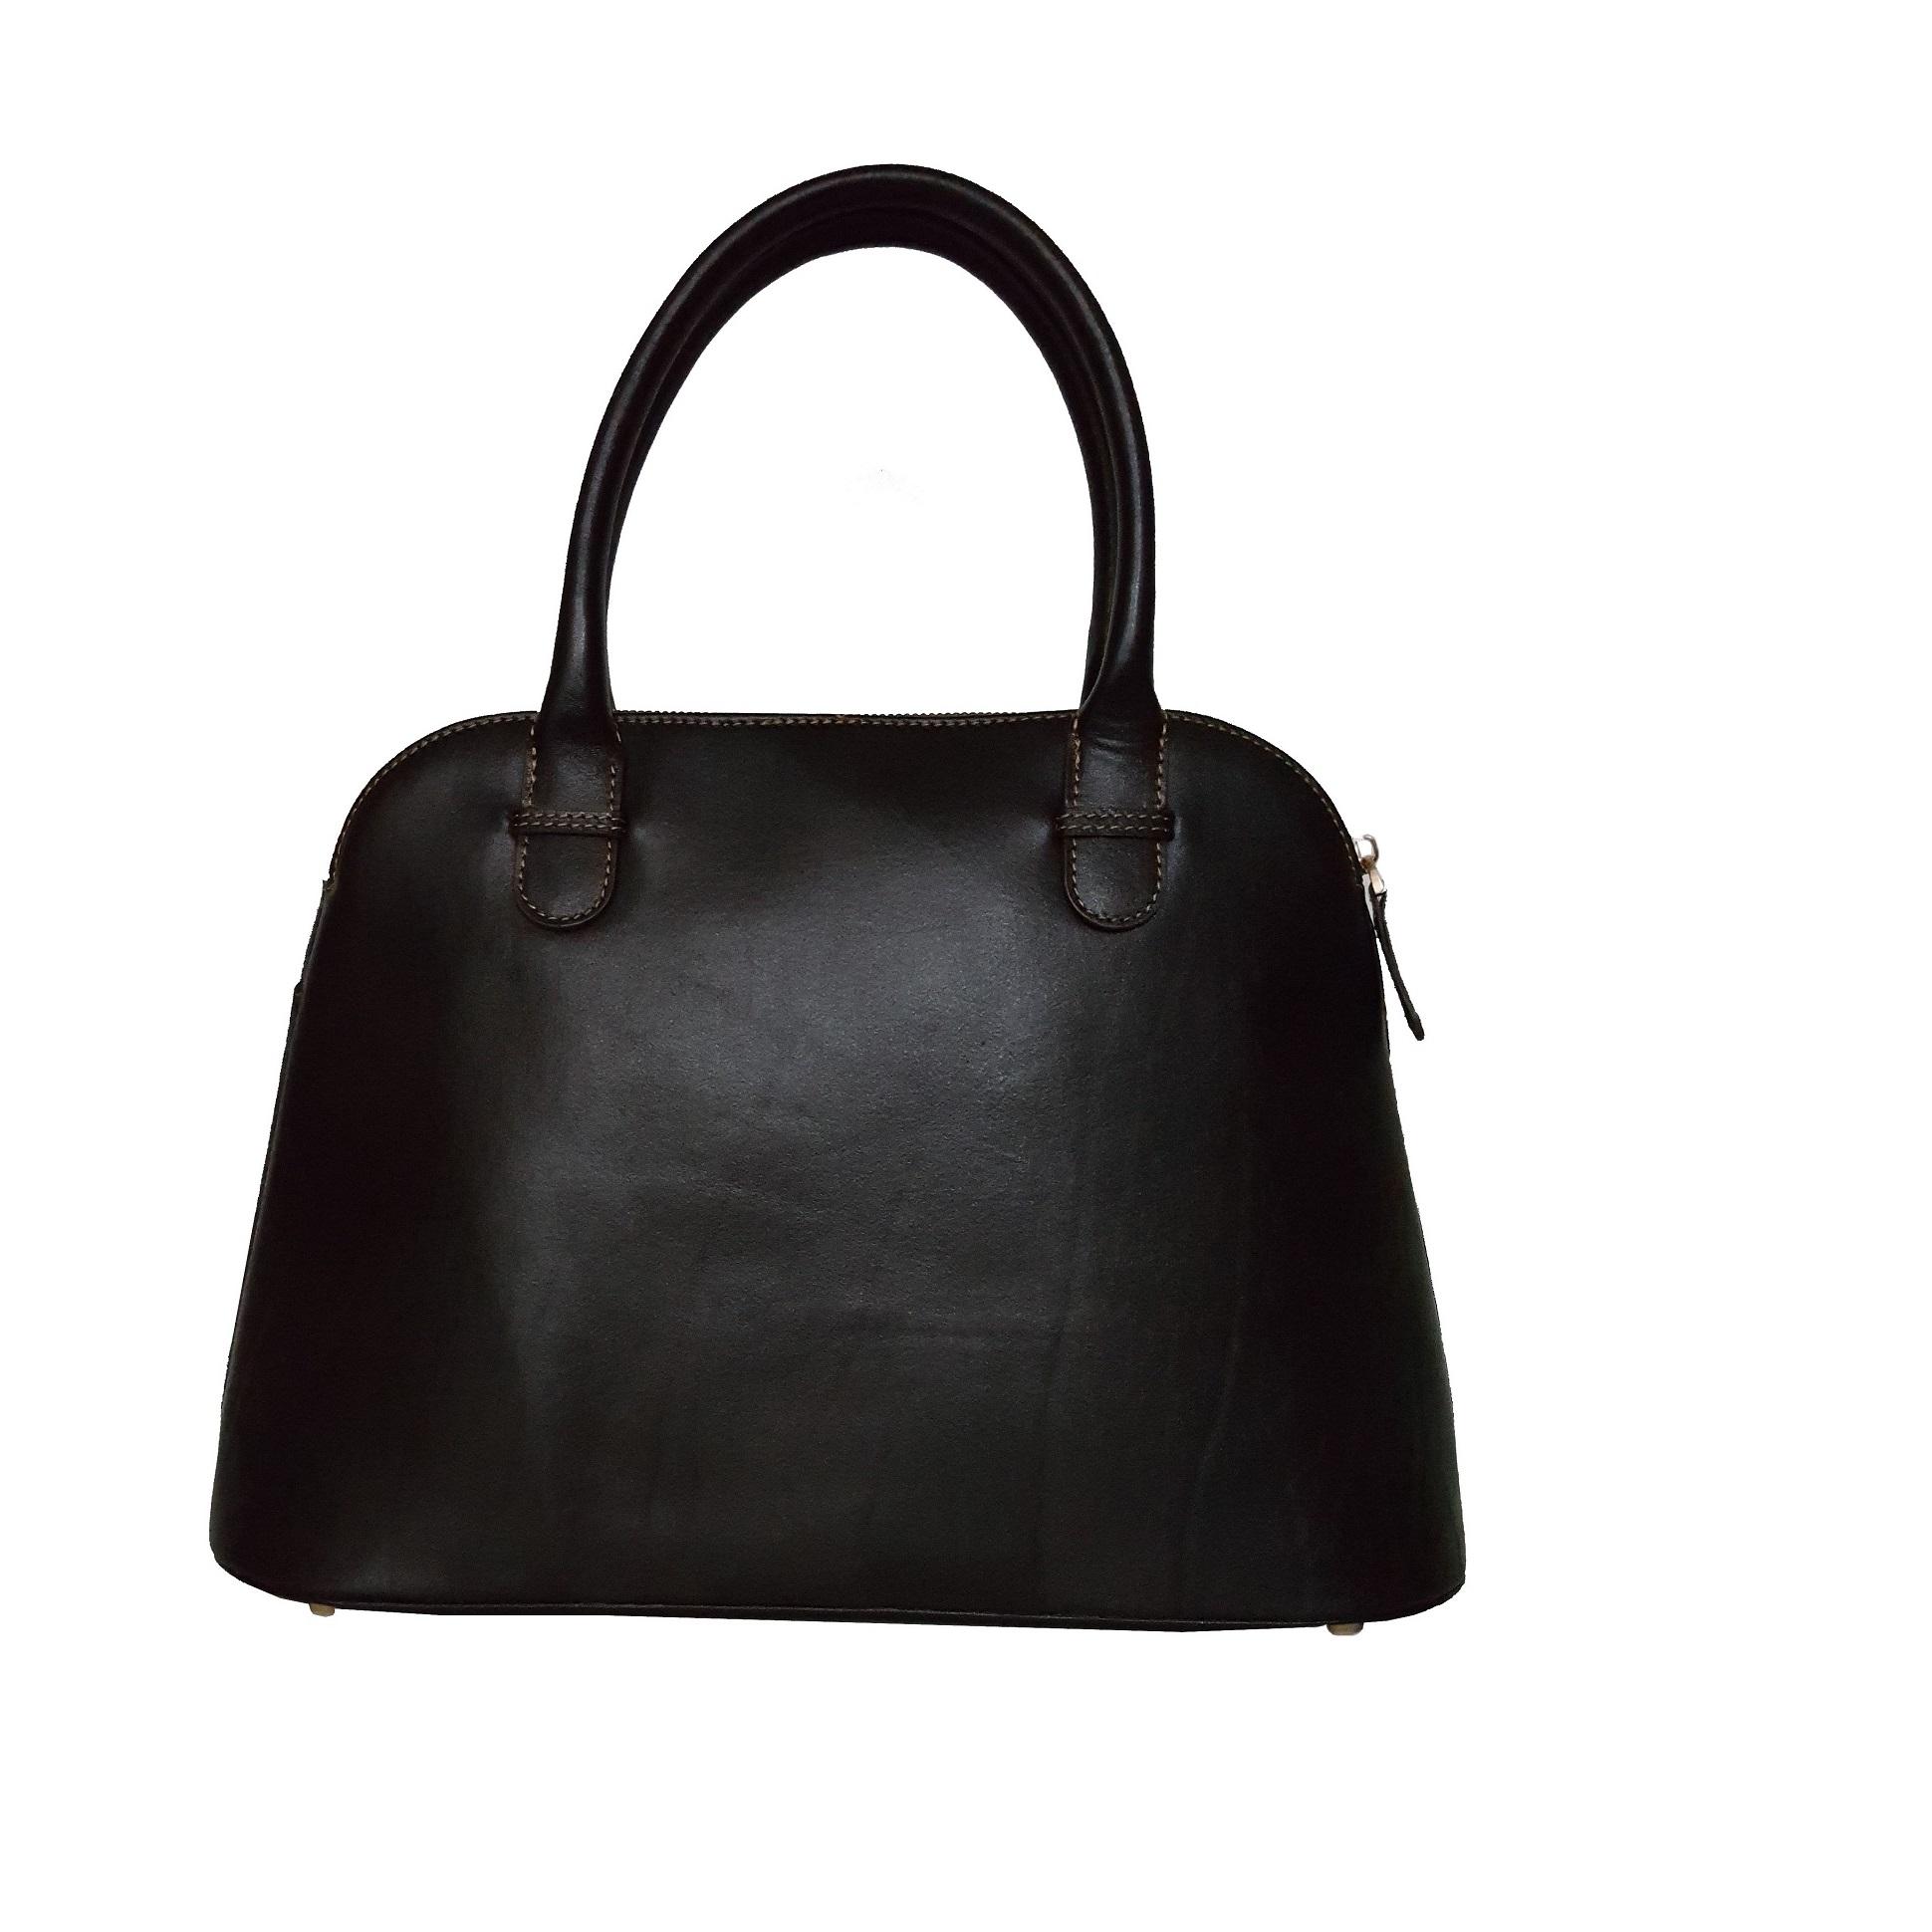 کیف دستی زنانه چرم طبیعی مدل 3003 رنگ قهوه ای تیره